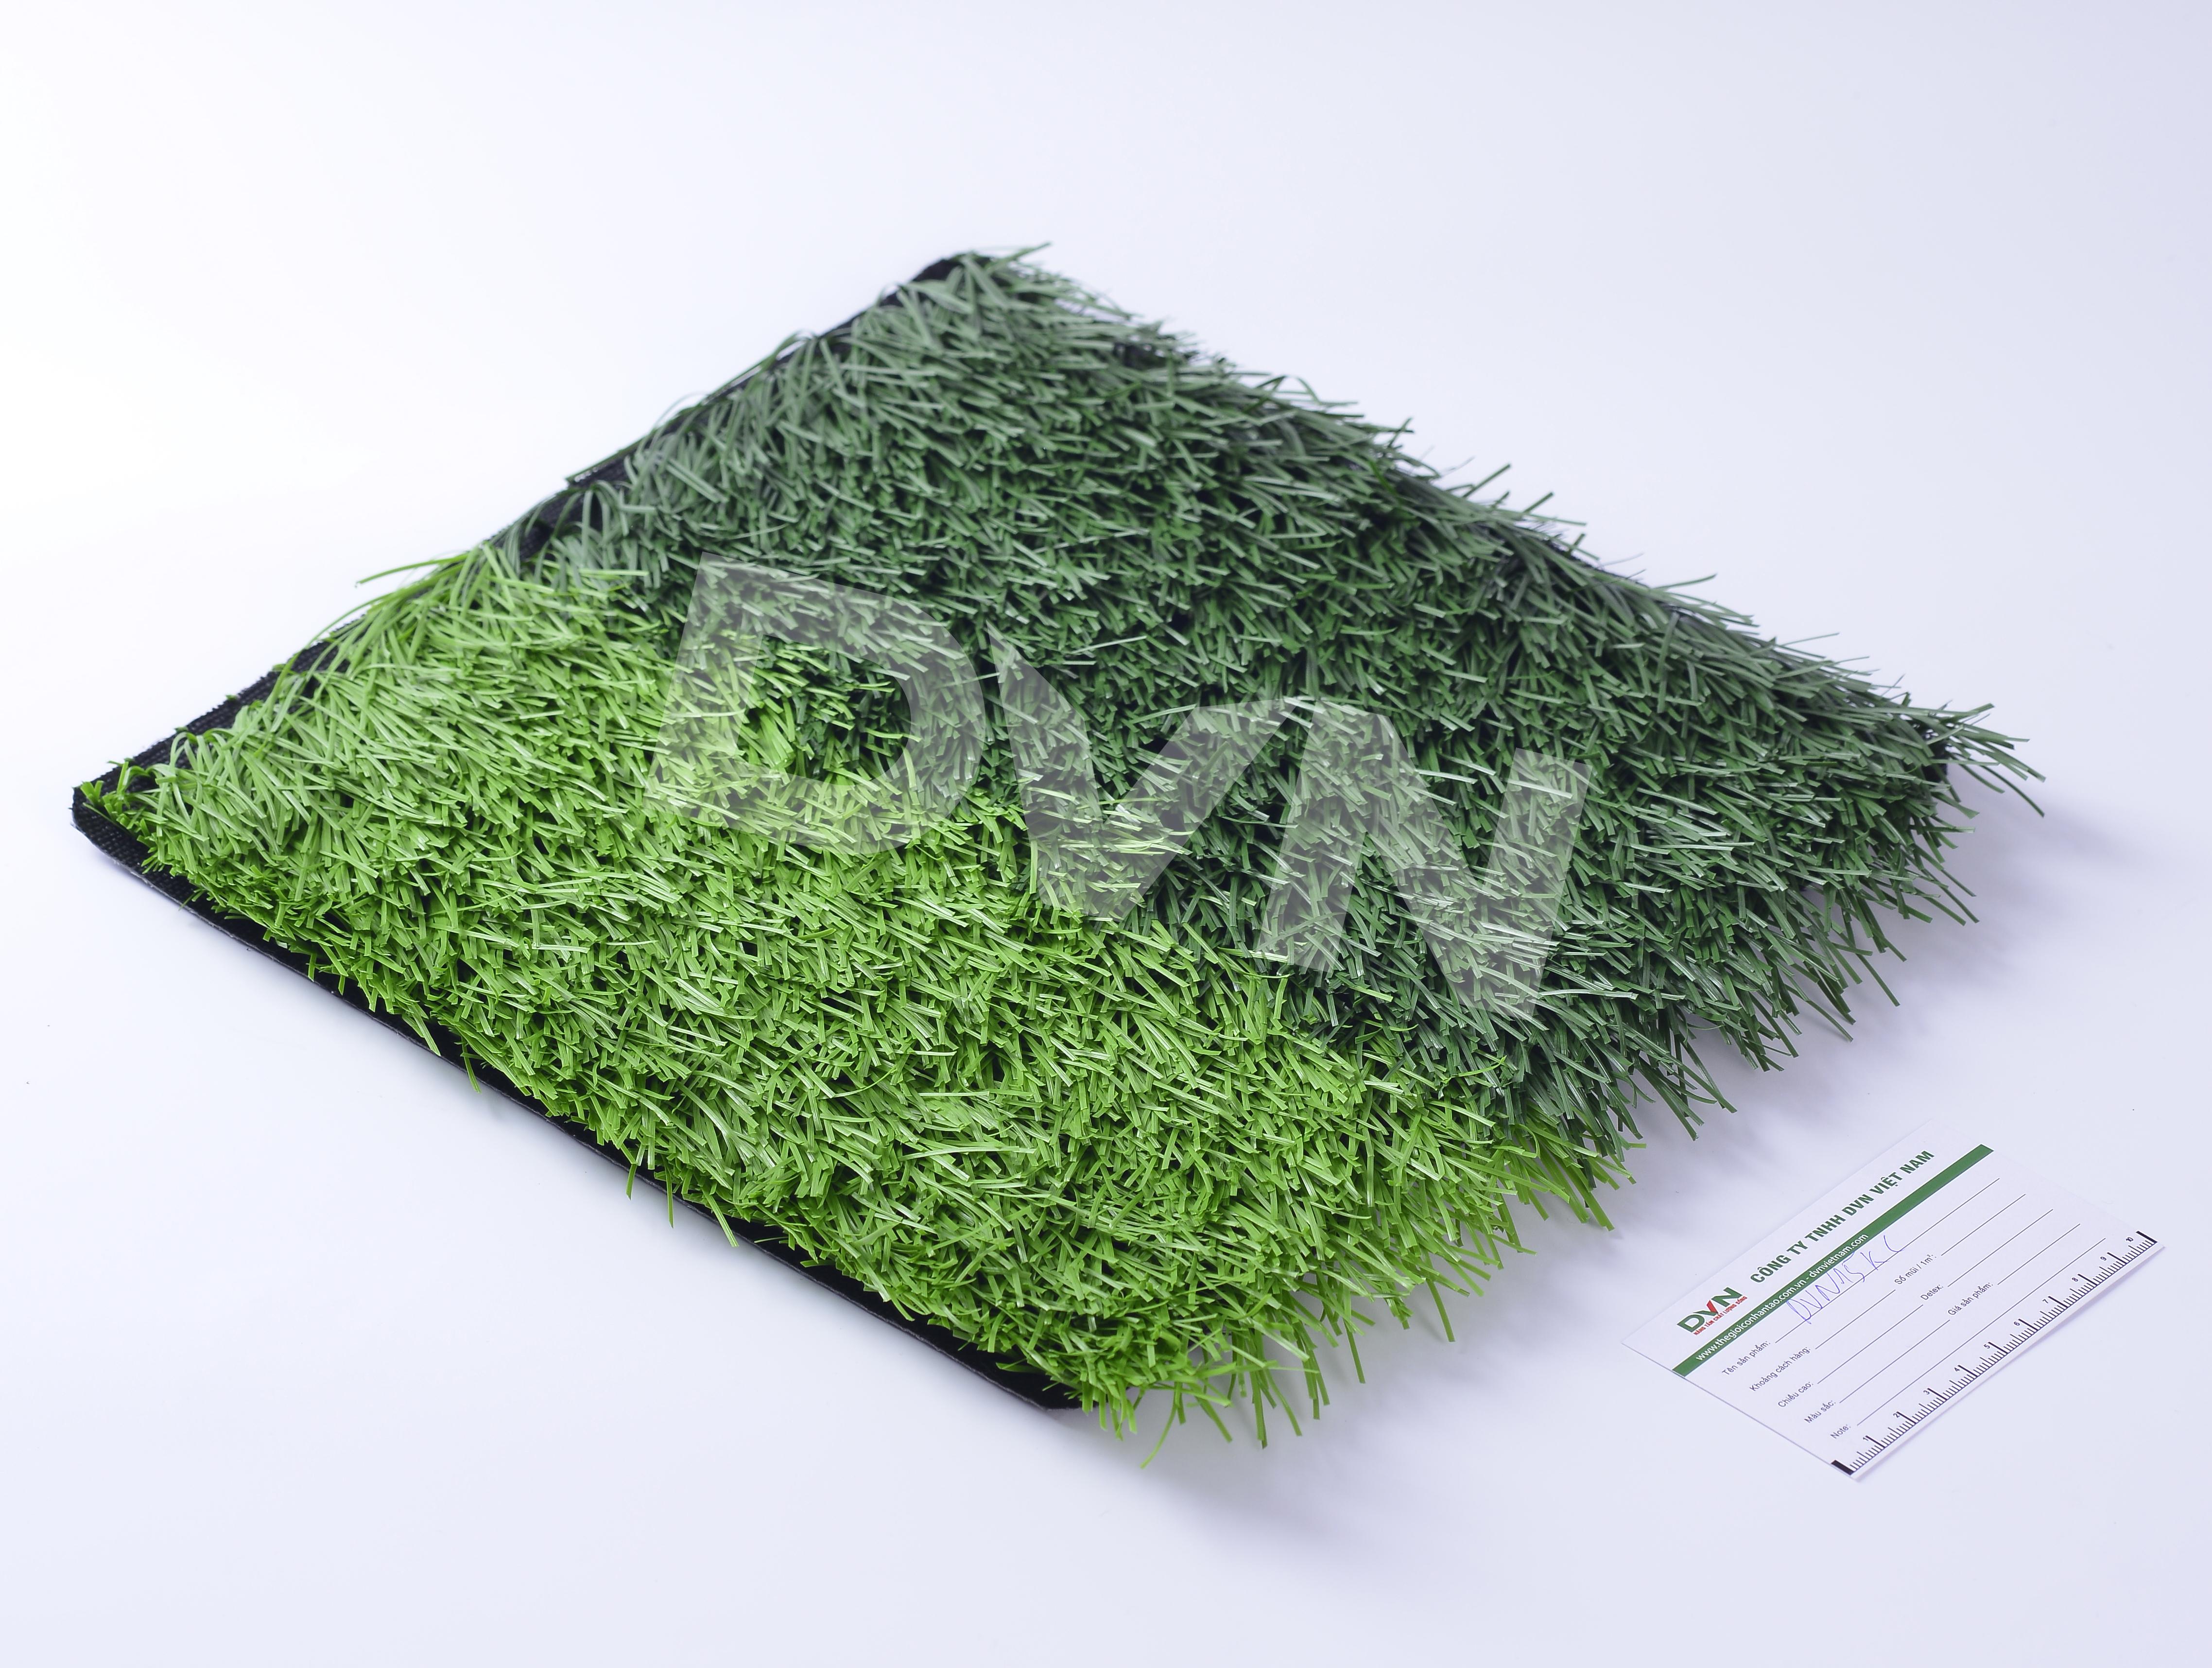 Giới thiệu chung về cỏ nhân tạo sân bóng 3